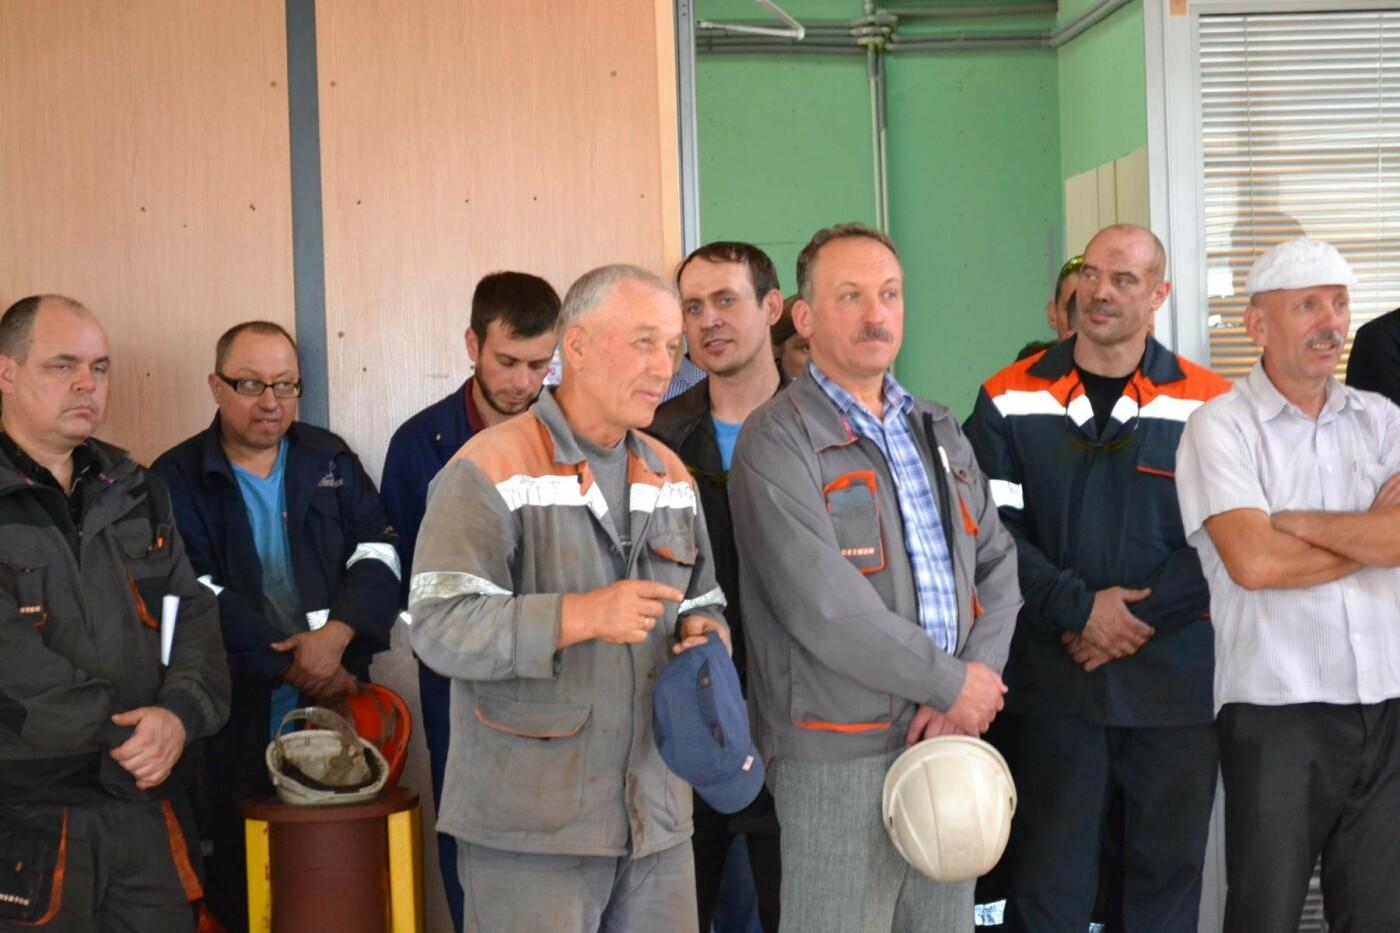 Что надо менять? - работники криворожского завода Steel Work получили ответ от Сергея Таруты, фото-6